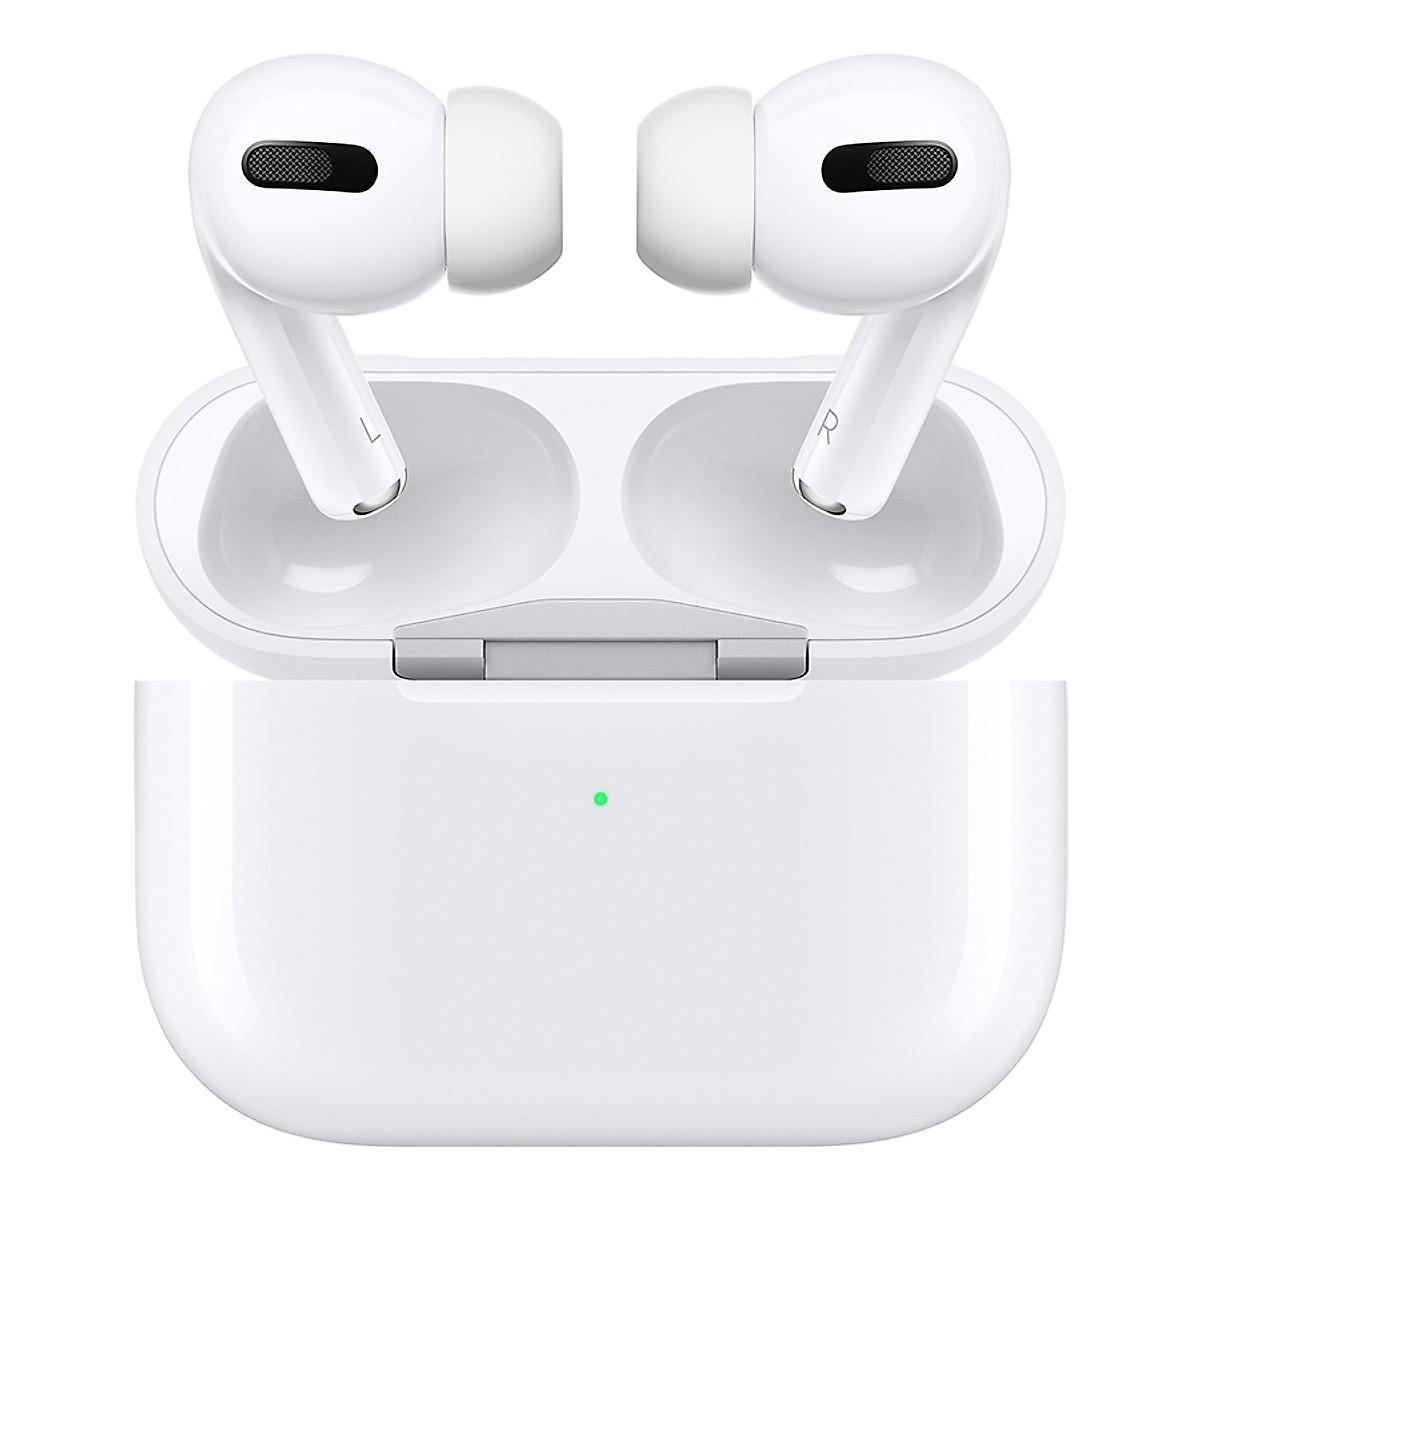 Tai Nghe Bluetooth Apple AirPods Pro True Wireless - MWP22 - Hàng Nhập Khẩu (seal fullbox mới 100% chưa active)